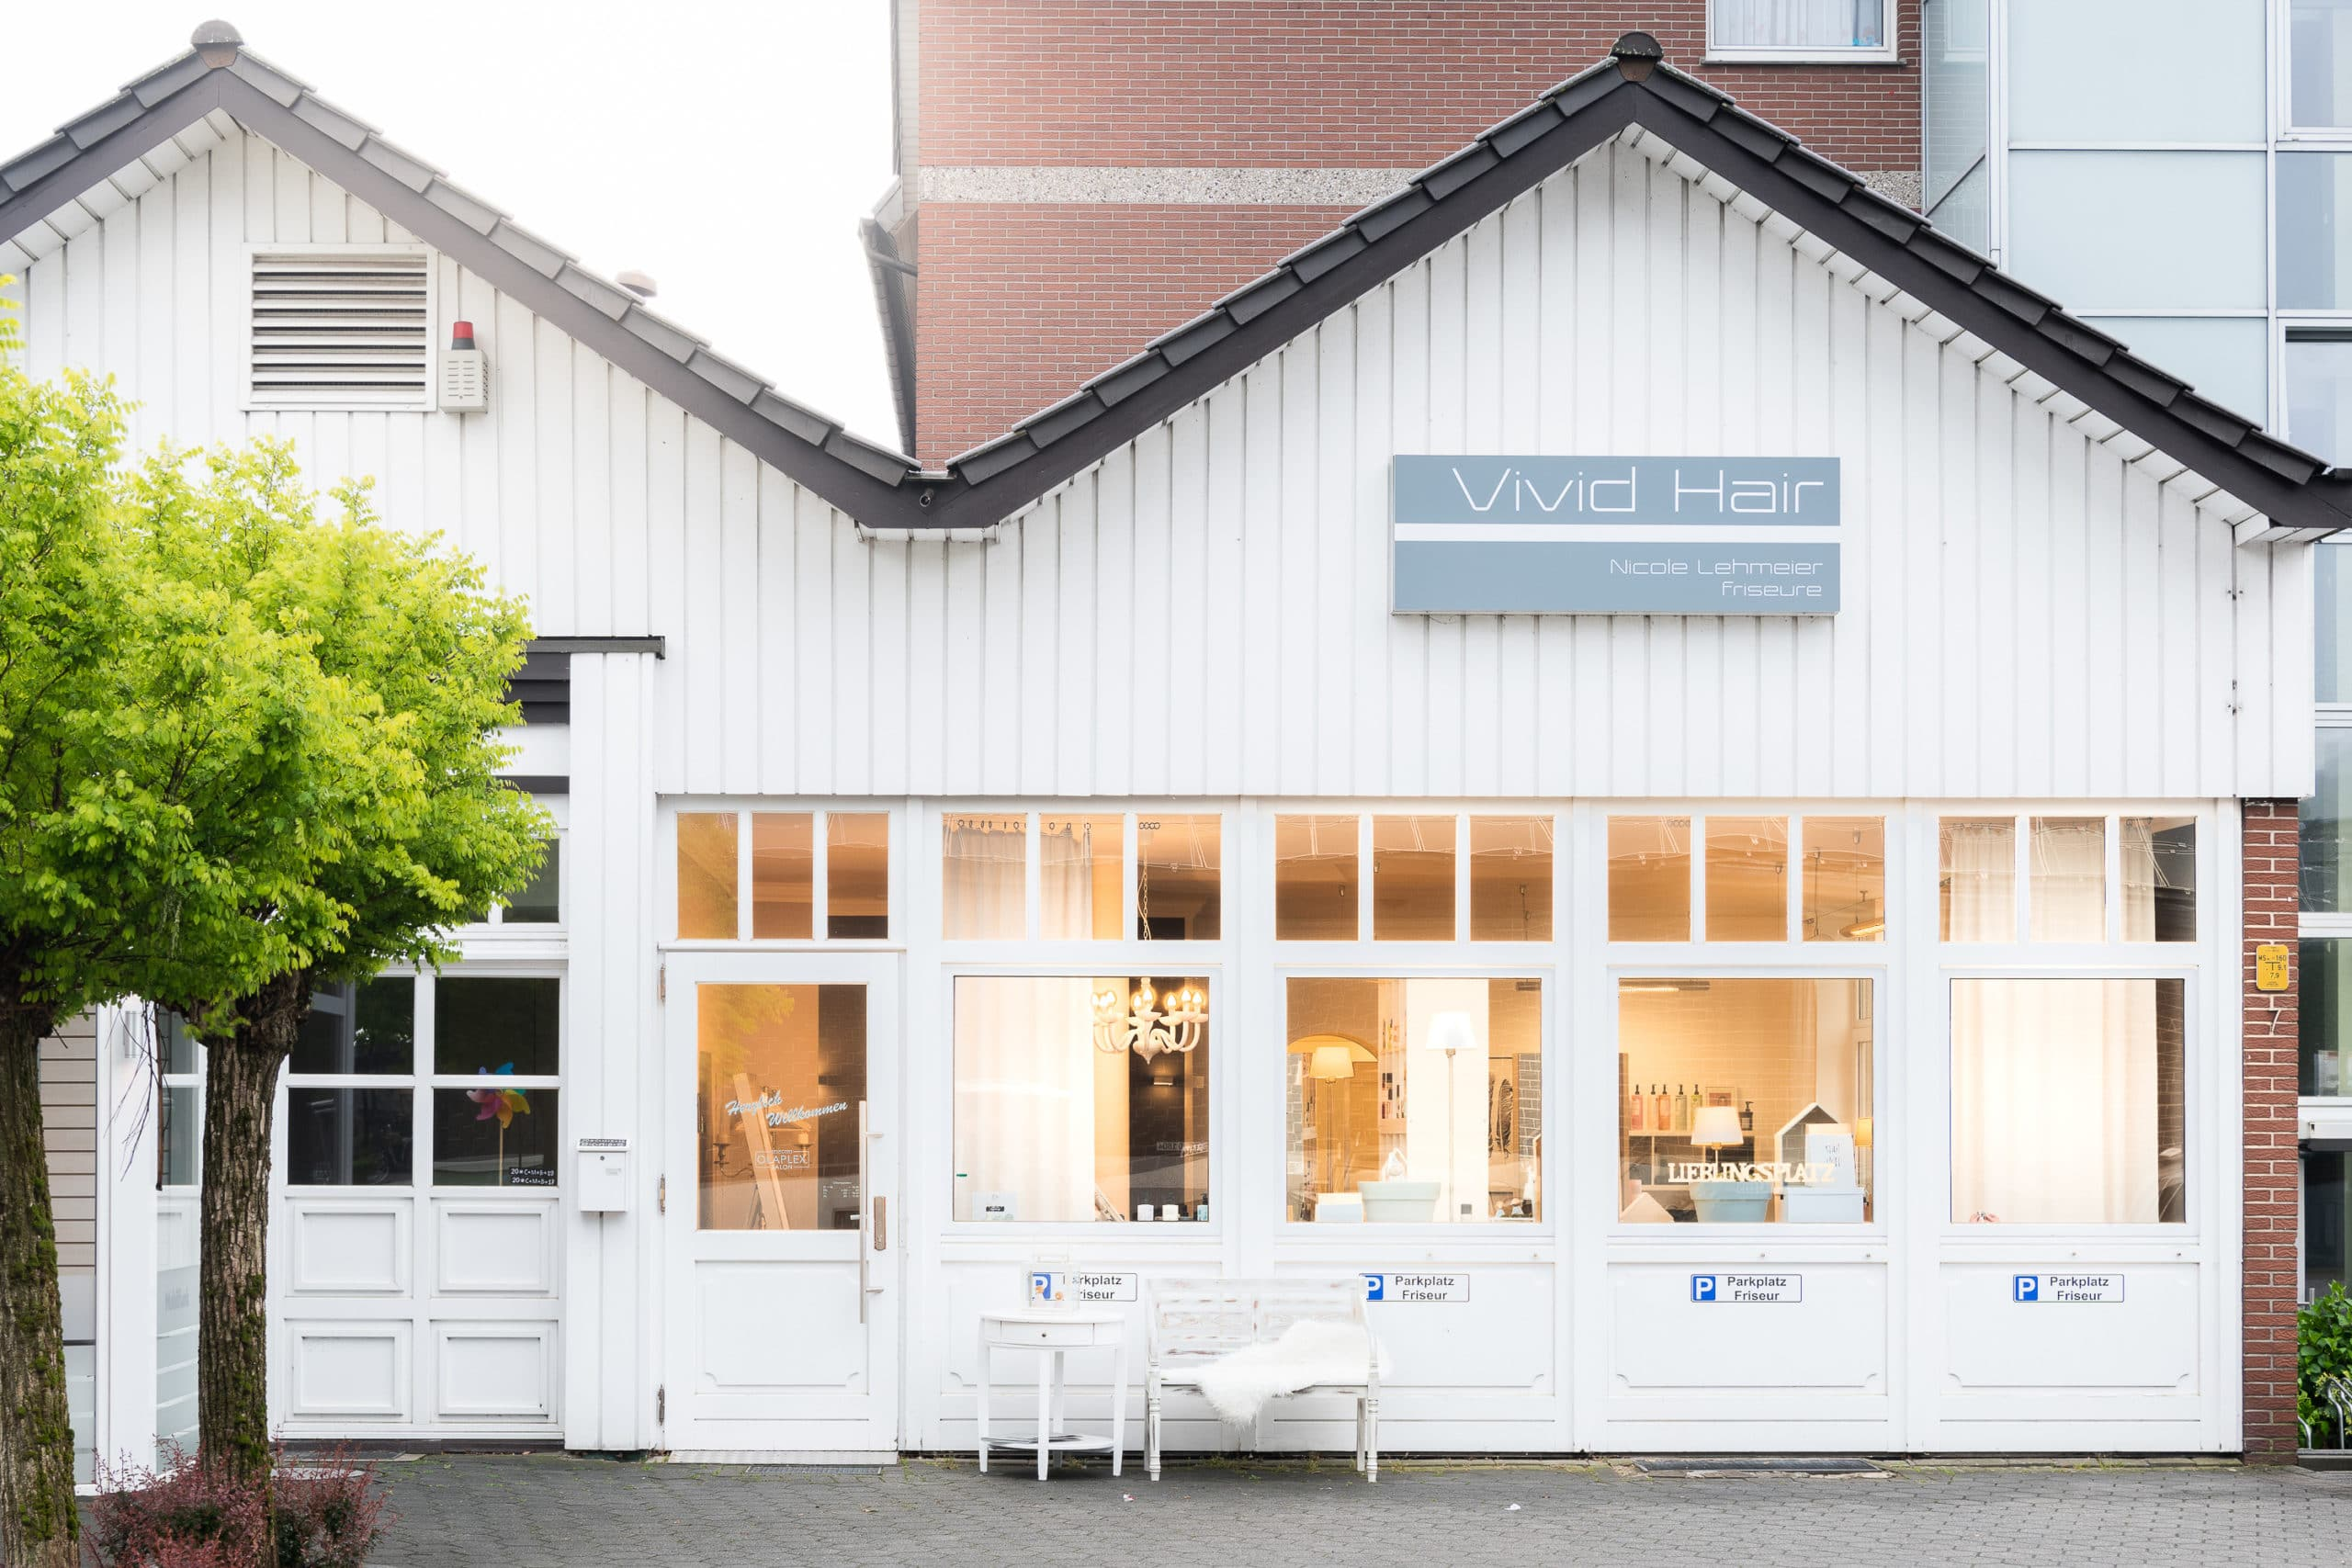 Einladend beleuchtete Außenaufnahme eines Friseur Salons |Architekturfotograf für Unternehmensfotografie in Osnabrück Münster Bielefeld NRW Niedersachsen und bundesweit